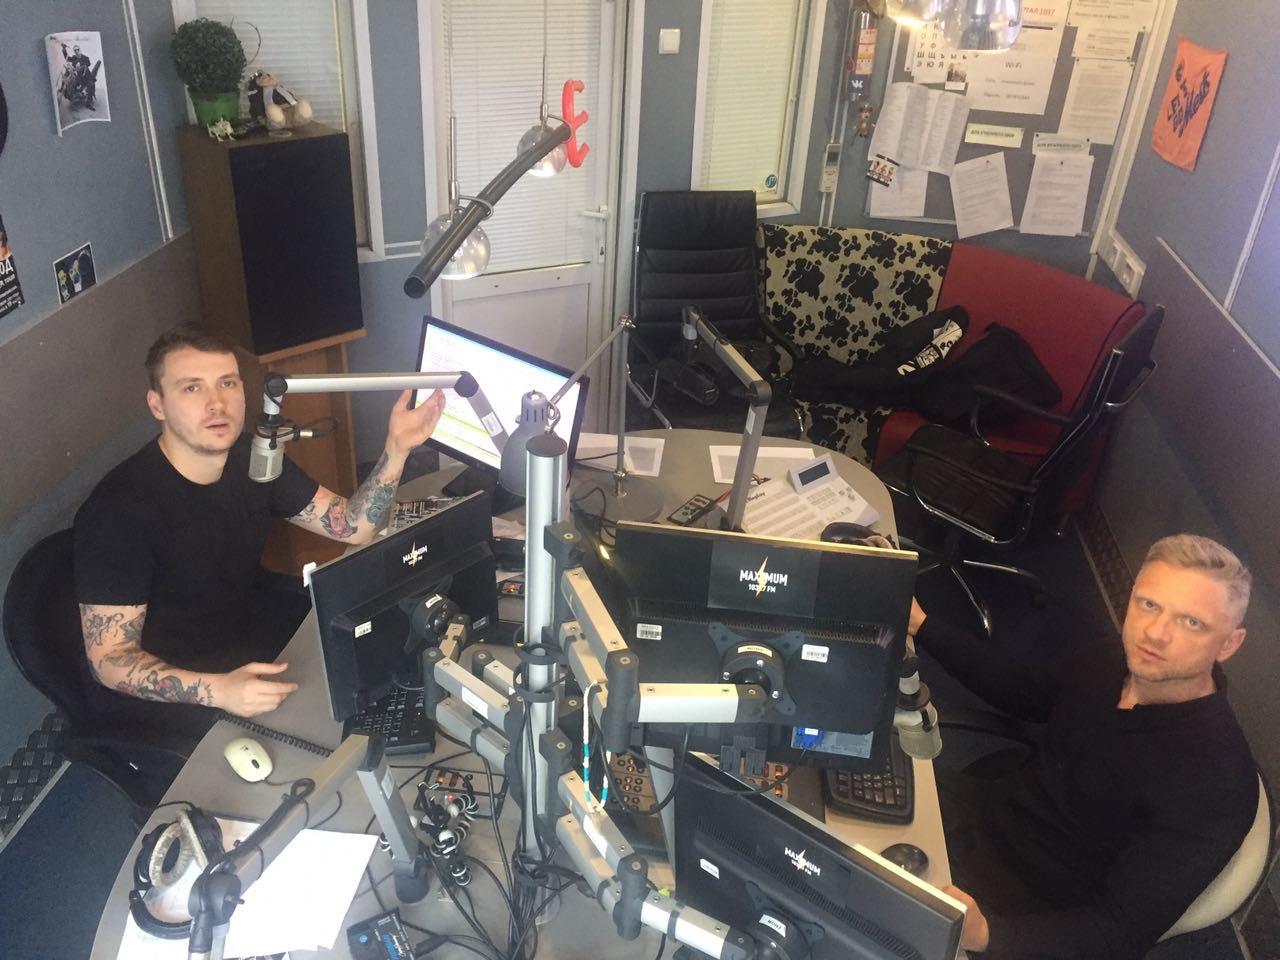 Эфир радиостанций MAXIMUM DFM и ХИТ FM прерван помехами неизвестного происхождения